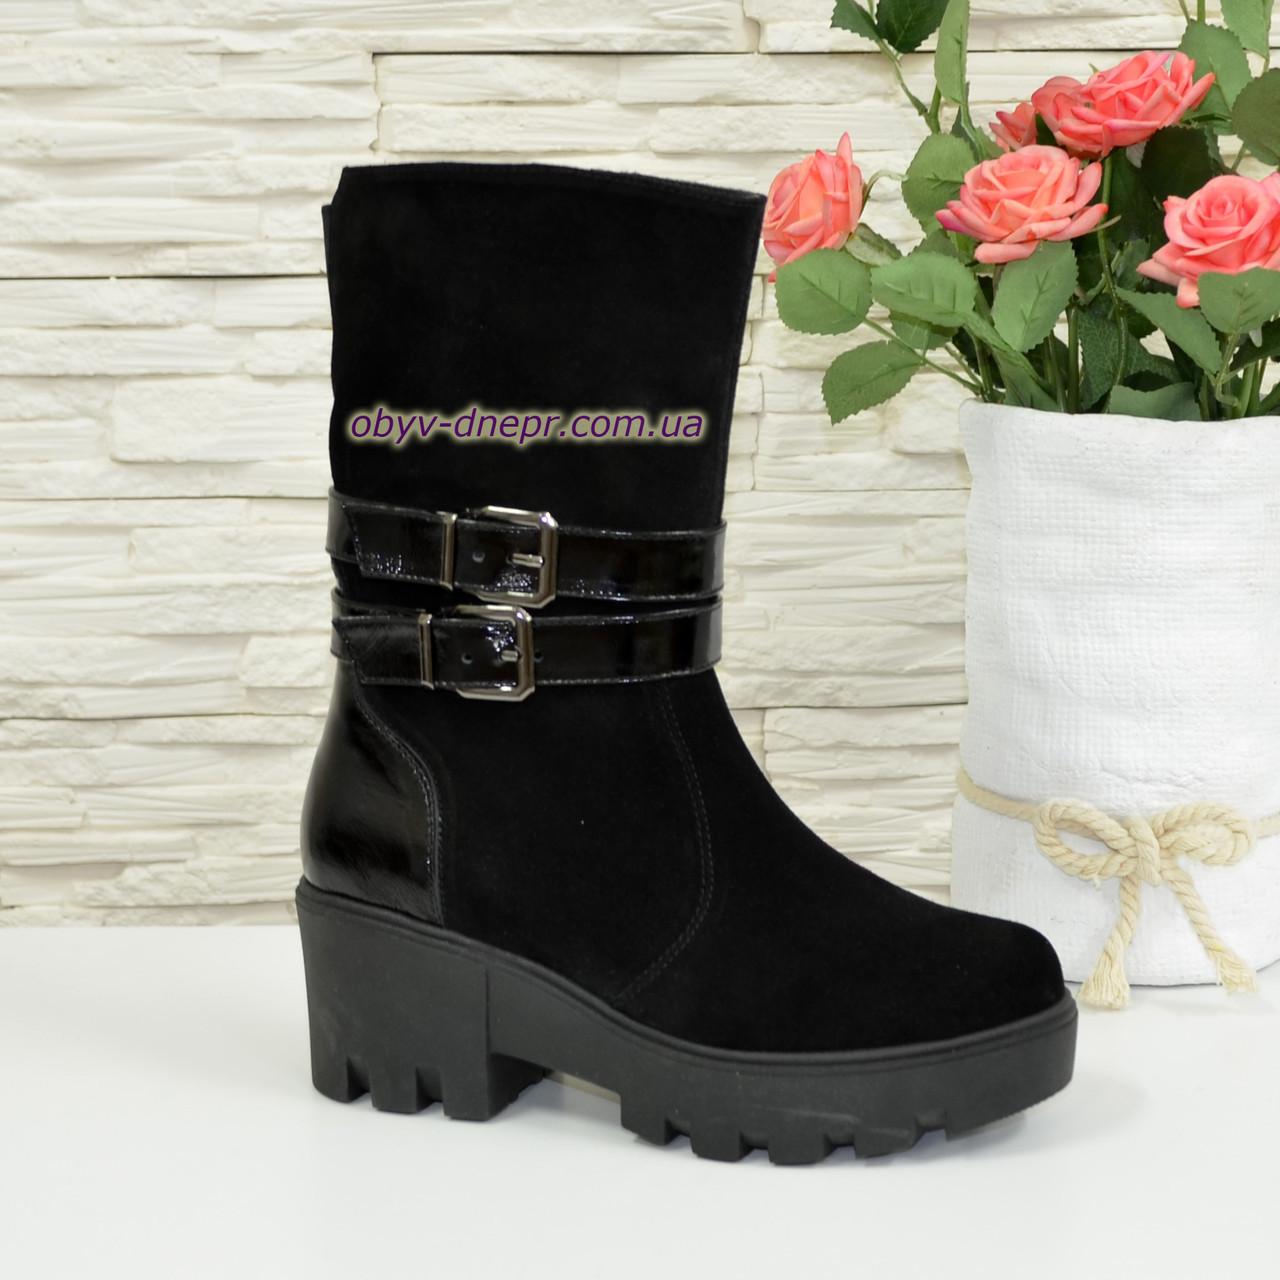 Ботинки женские зимние на утолщенной подошве, натуральная замша/лак